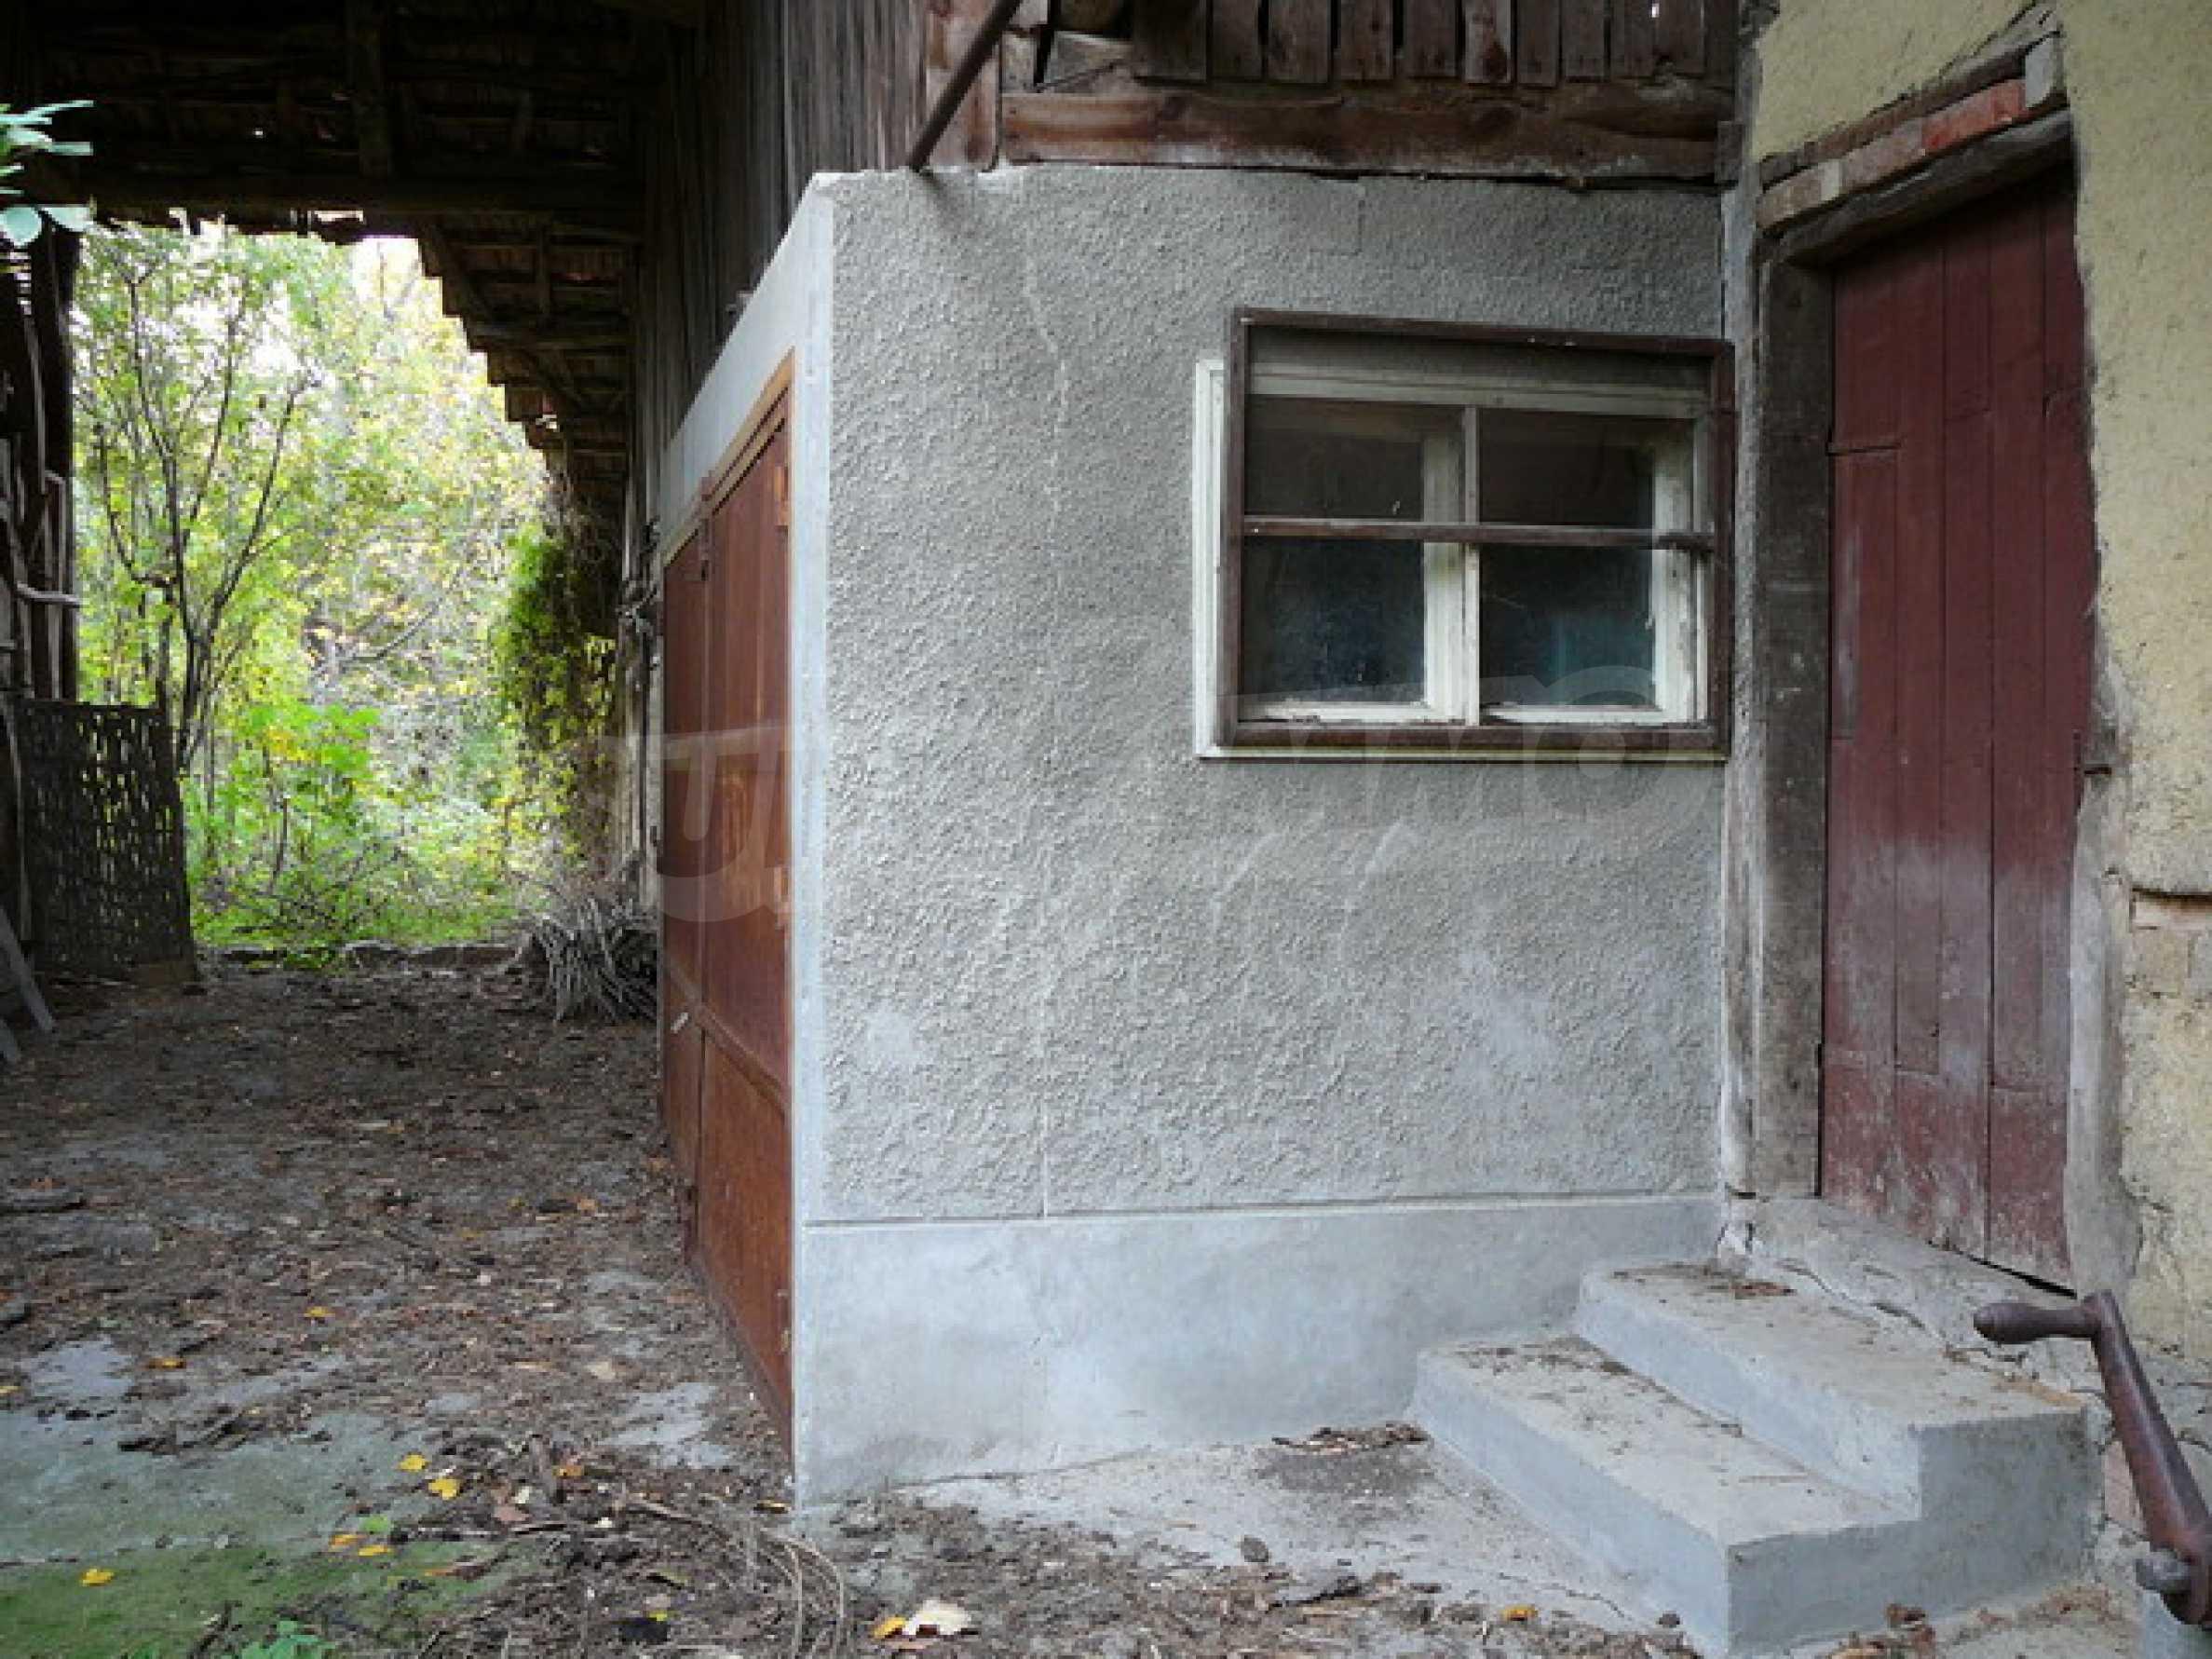 Къща за продажба близо до гр. Велико Търново 29